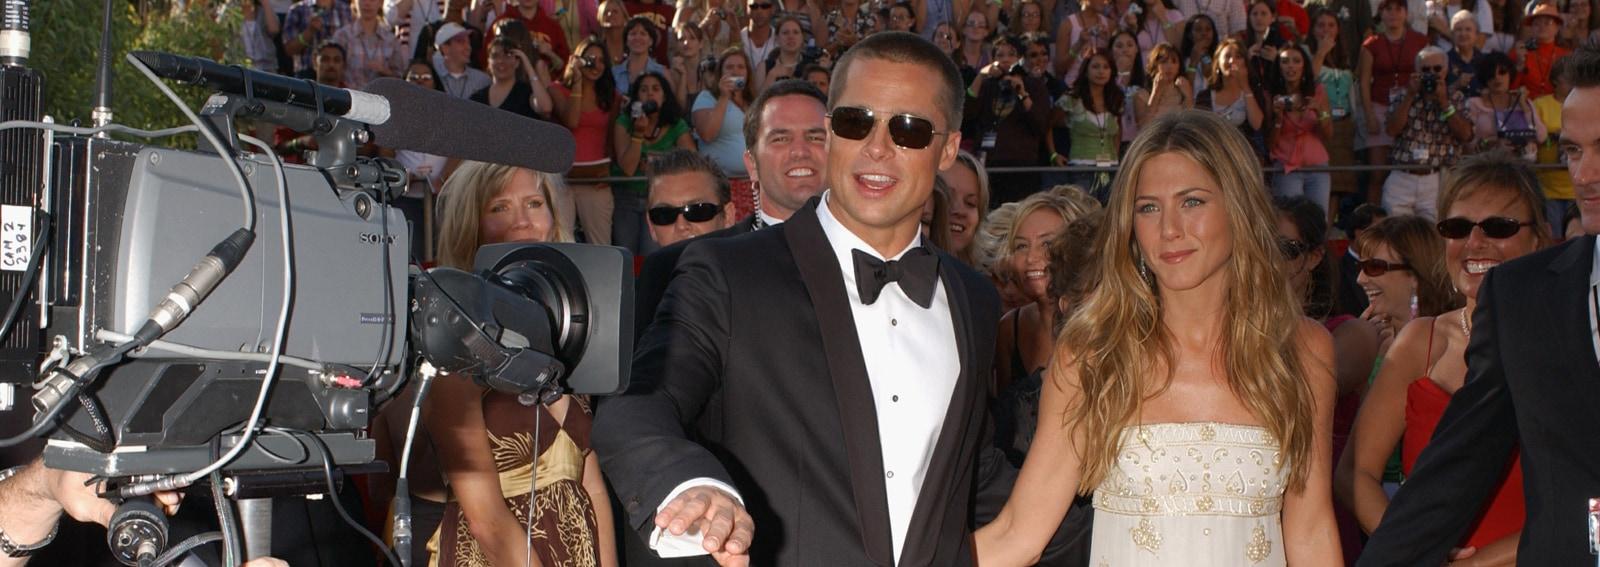 2004 Emmy Awards - Arrivals